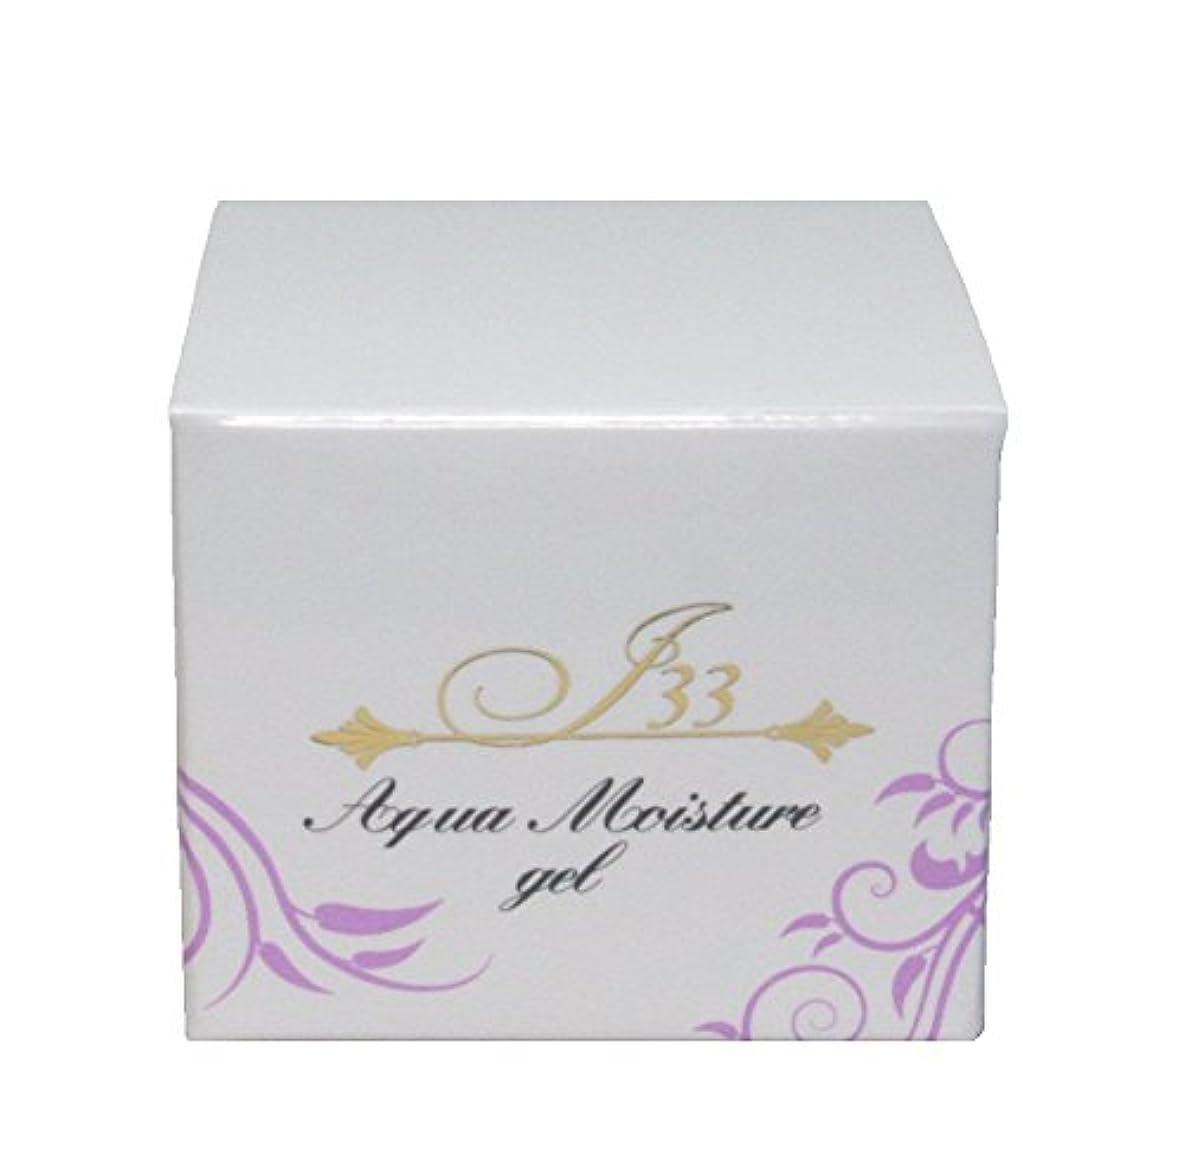 馬プラセンタ コラーゲン 配合 奇跡のヒーリングコスメ <ジェード33> アクアモイスチャージェル オールインワン 化粧水 乳液 美容液 マッサージ パック コレひとつで